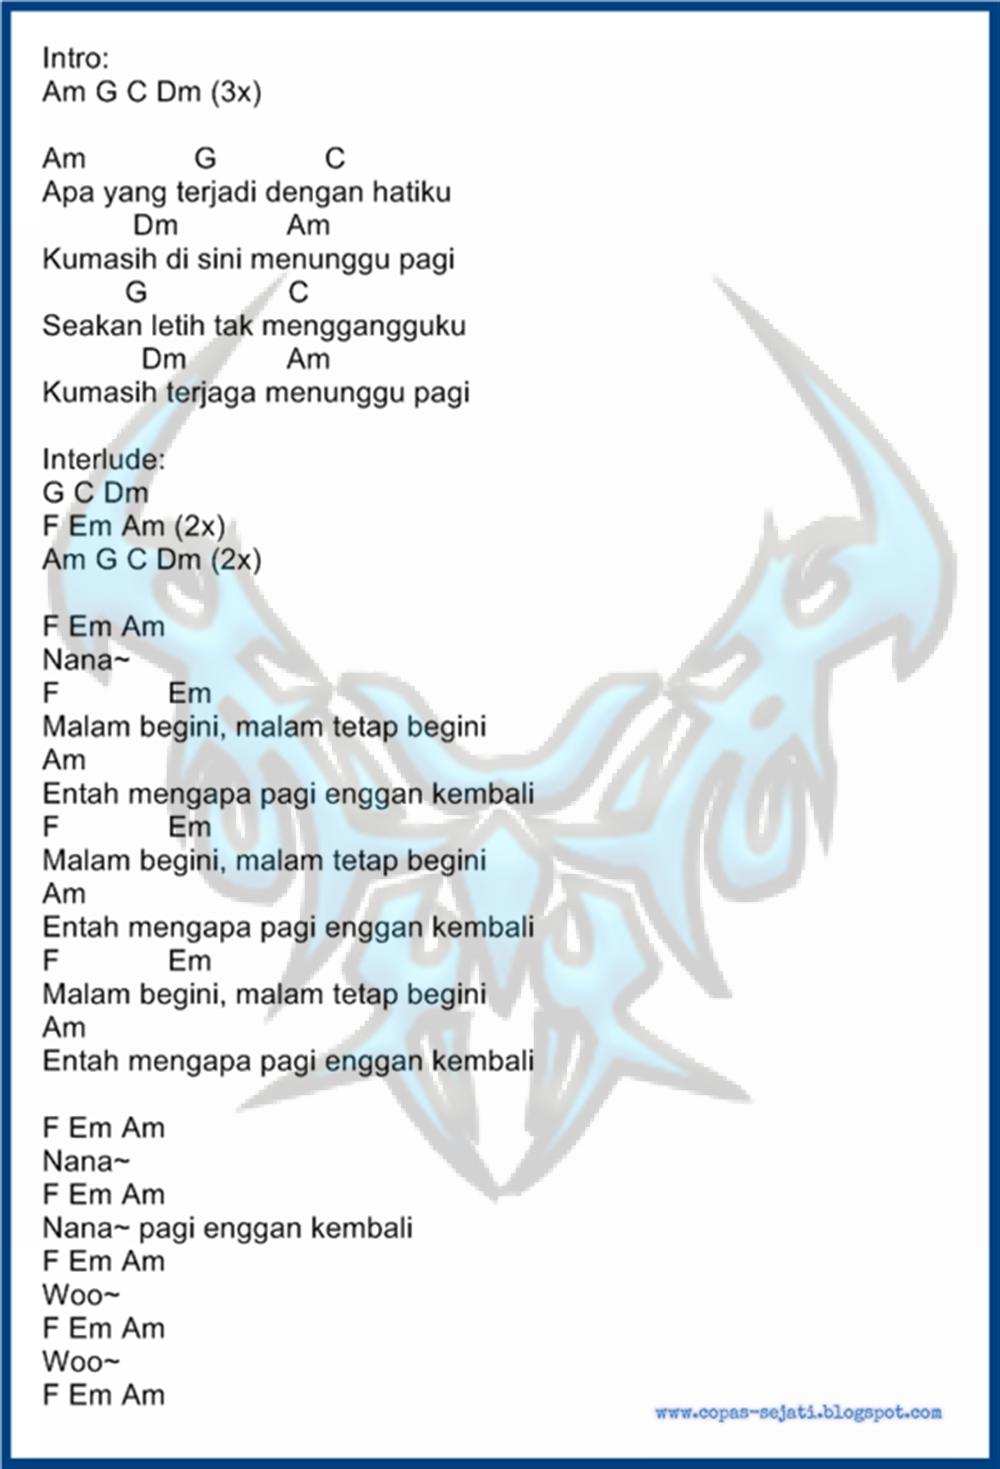 Chords for Peterpan - Menunggu Pagi